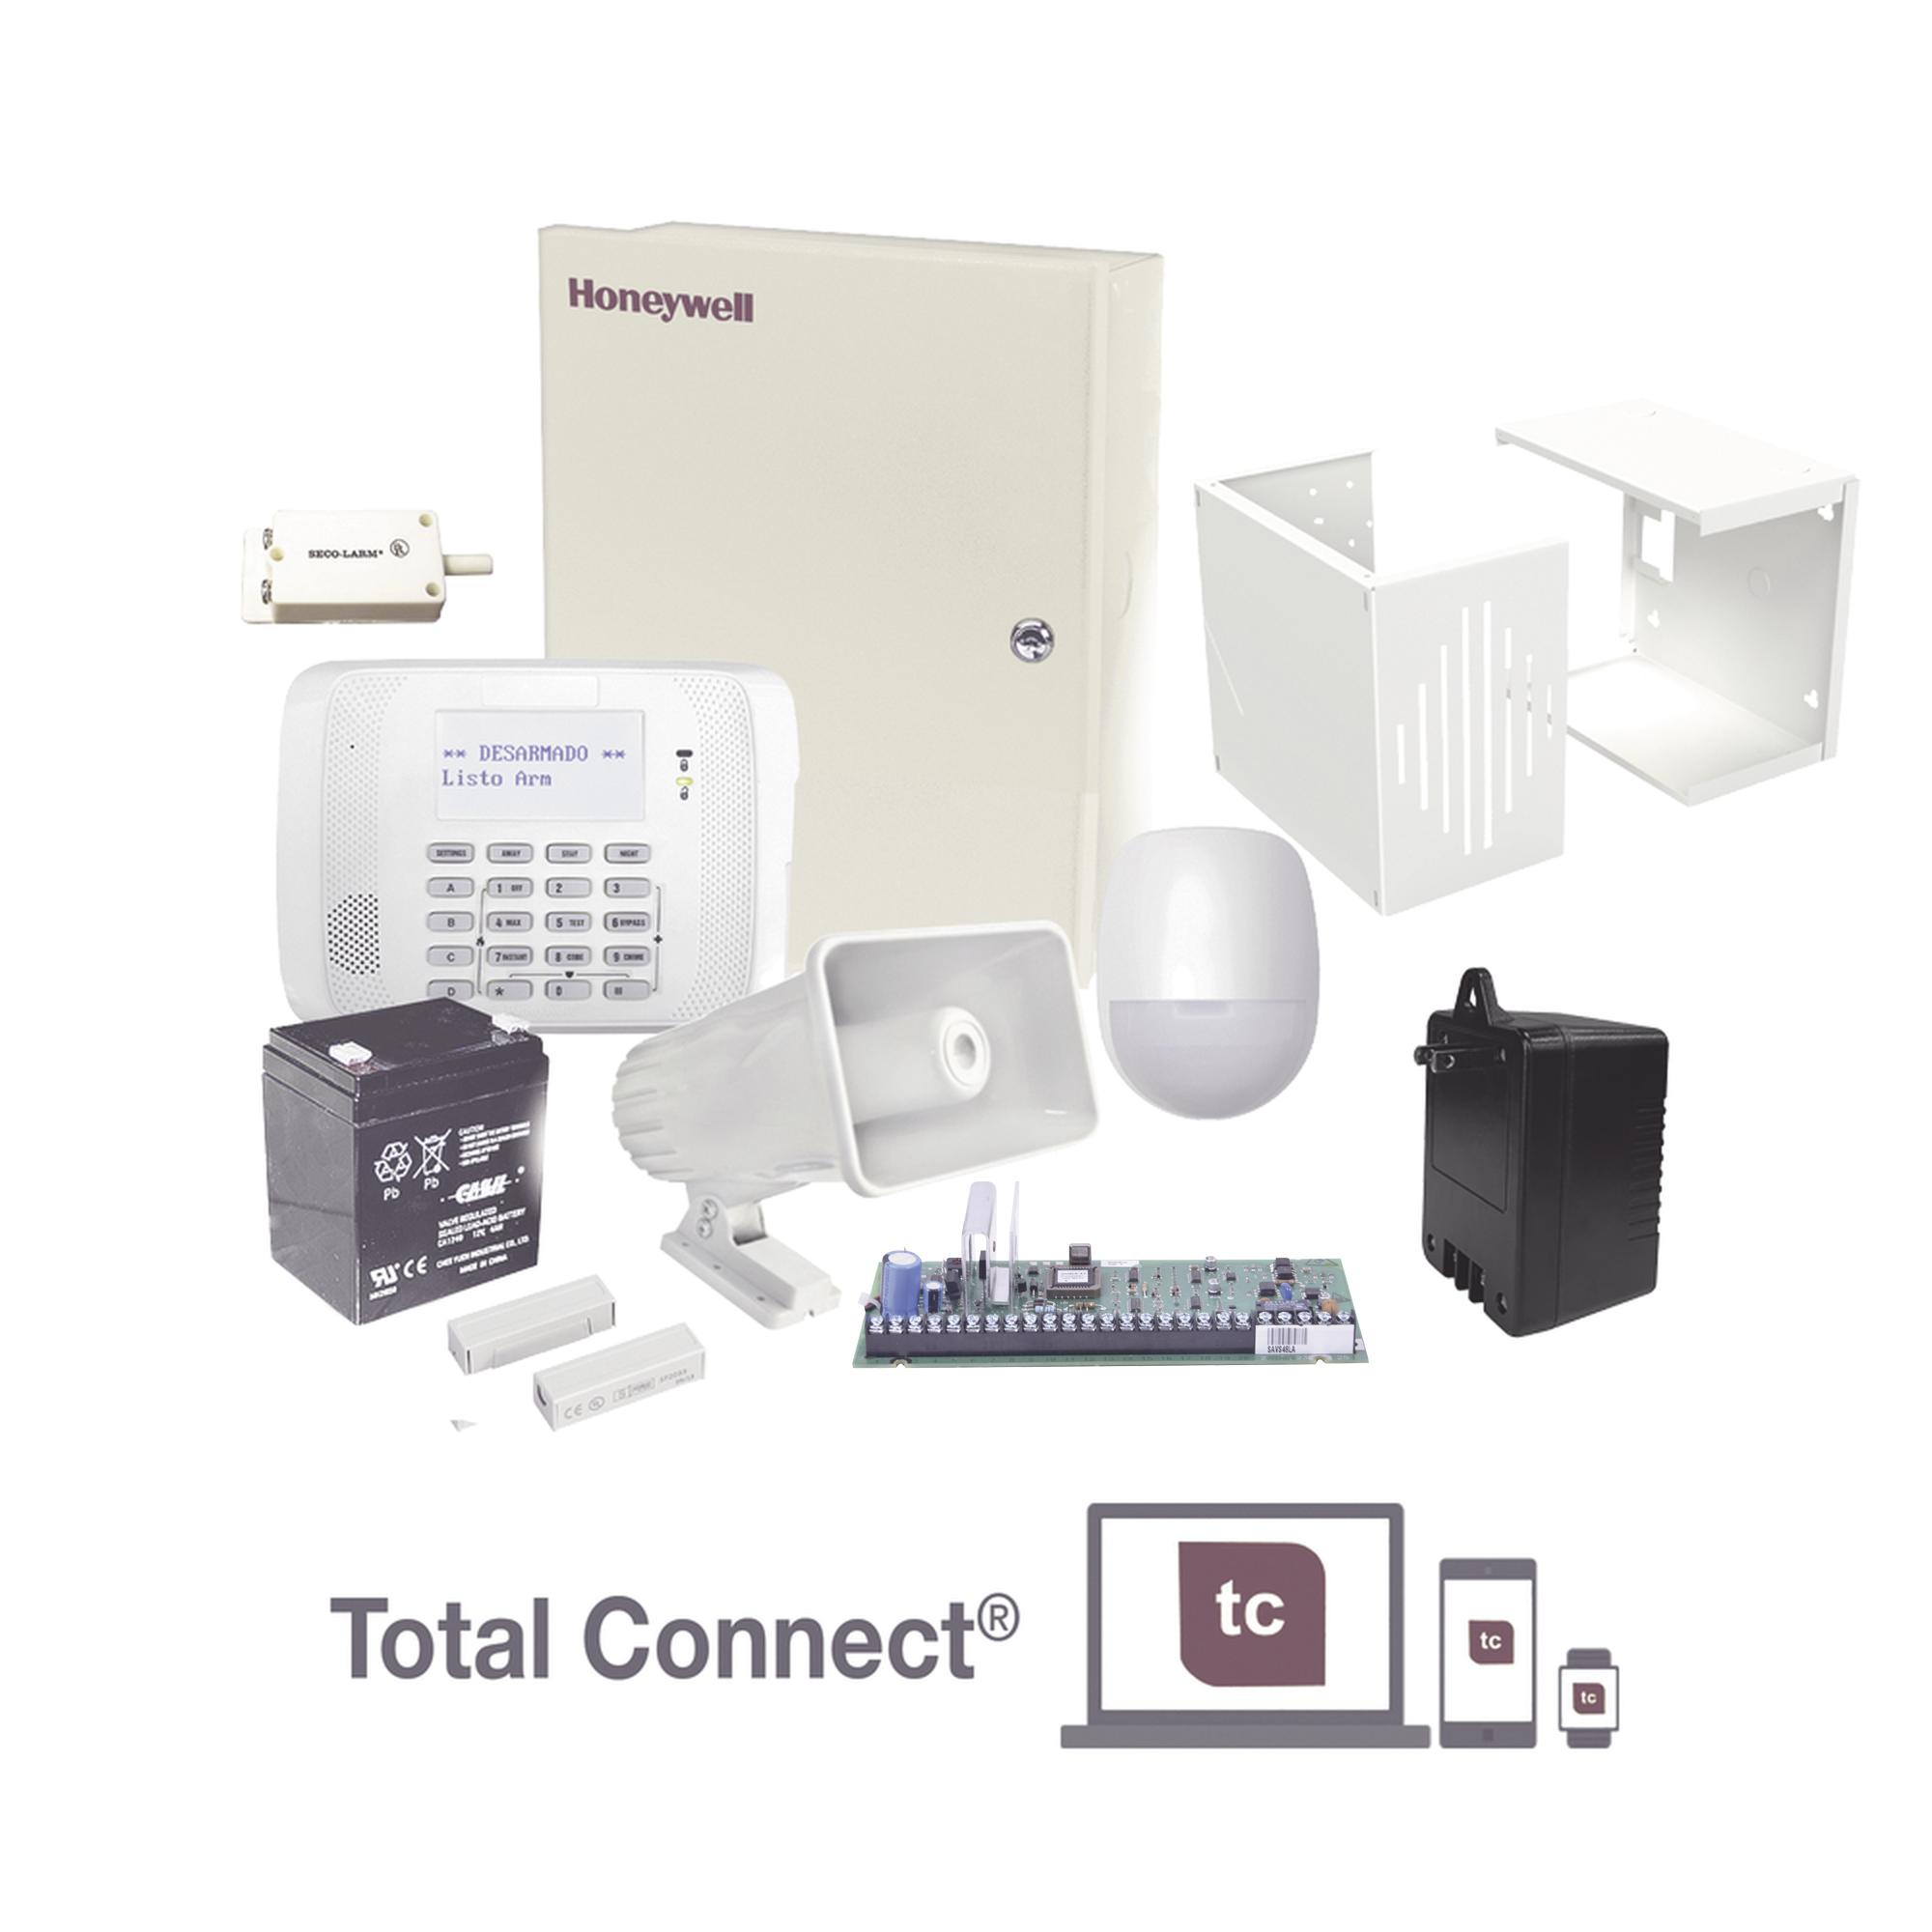 Kit de Alarma Residencial con Sensor de Movimiento y Contactos Magnéticos, Incluye Sirena, Batería y Transformador